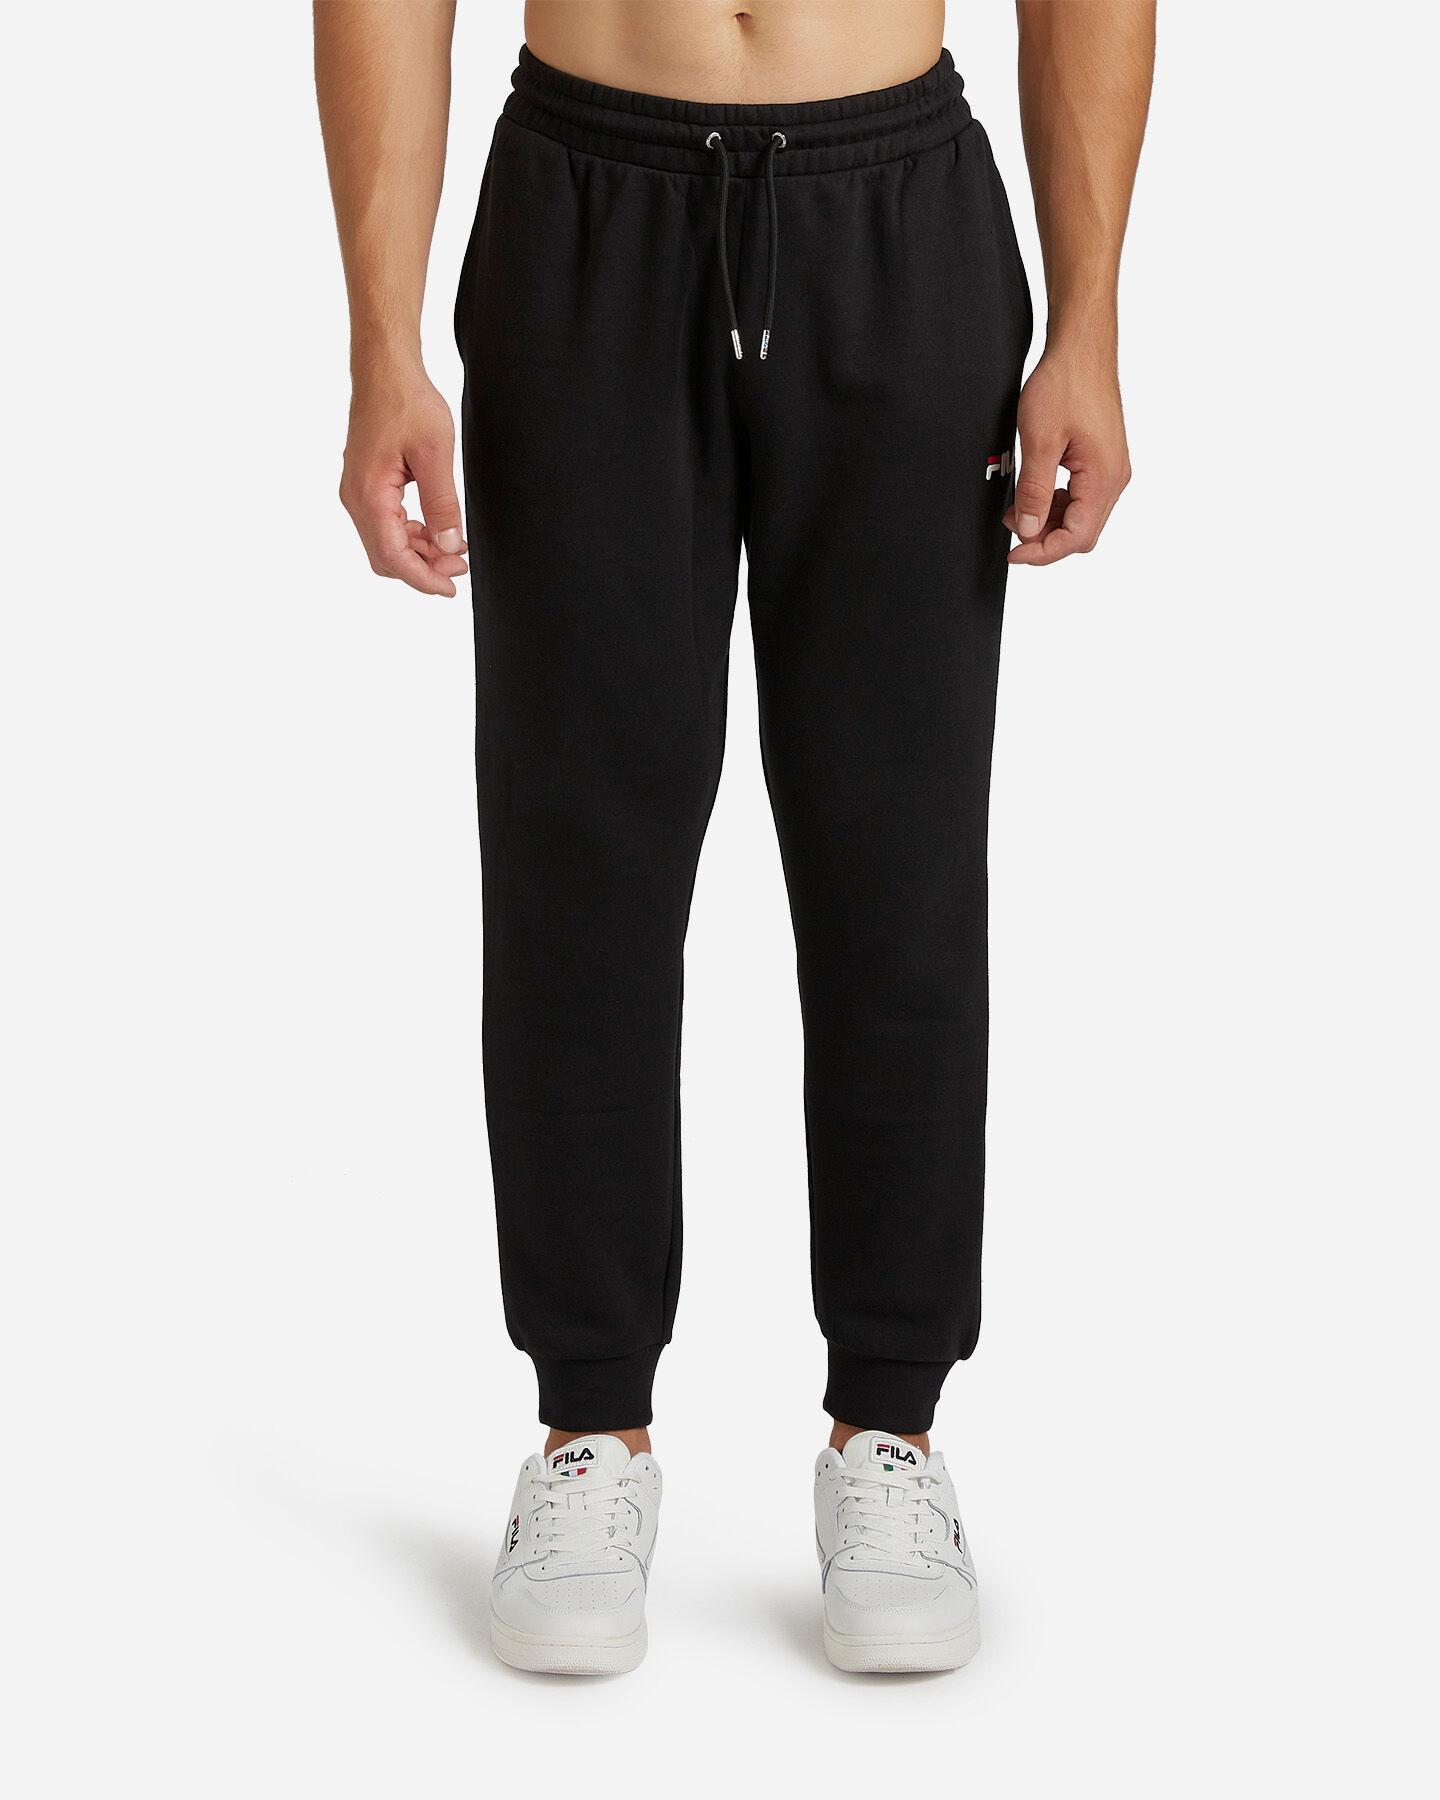 Pantalone FILA CLASSIC M S4080482 scatto 0